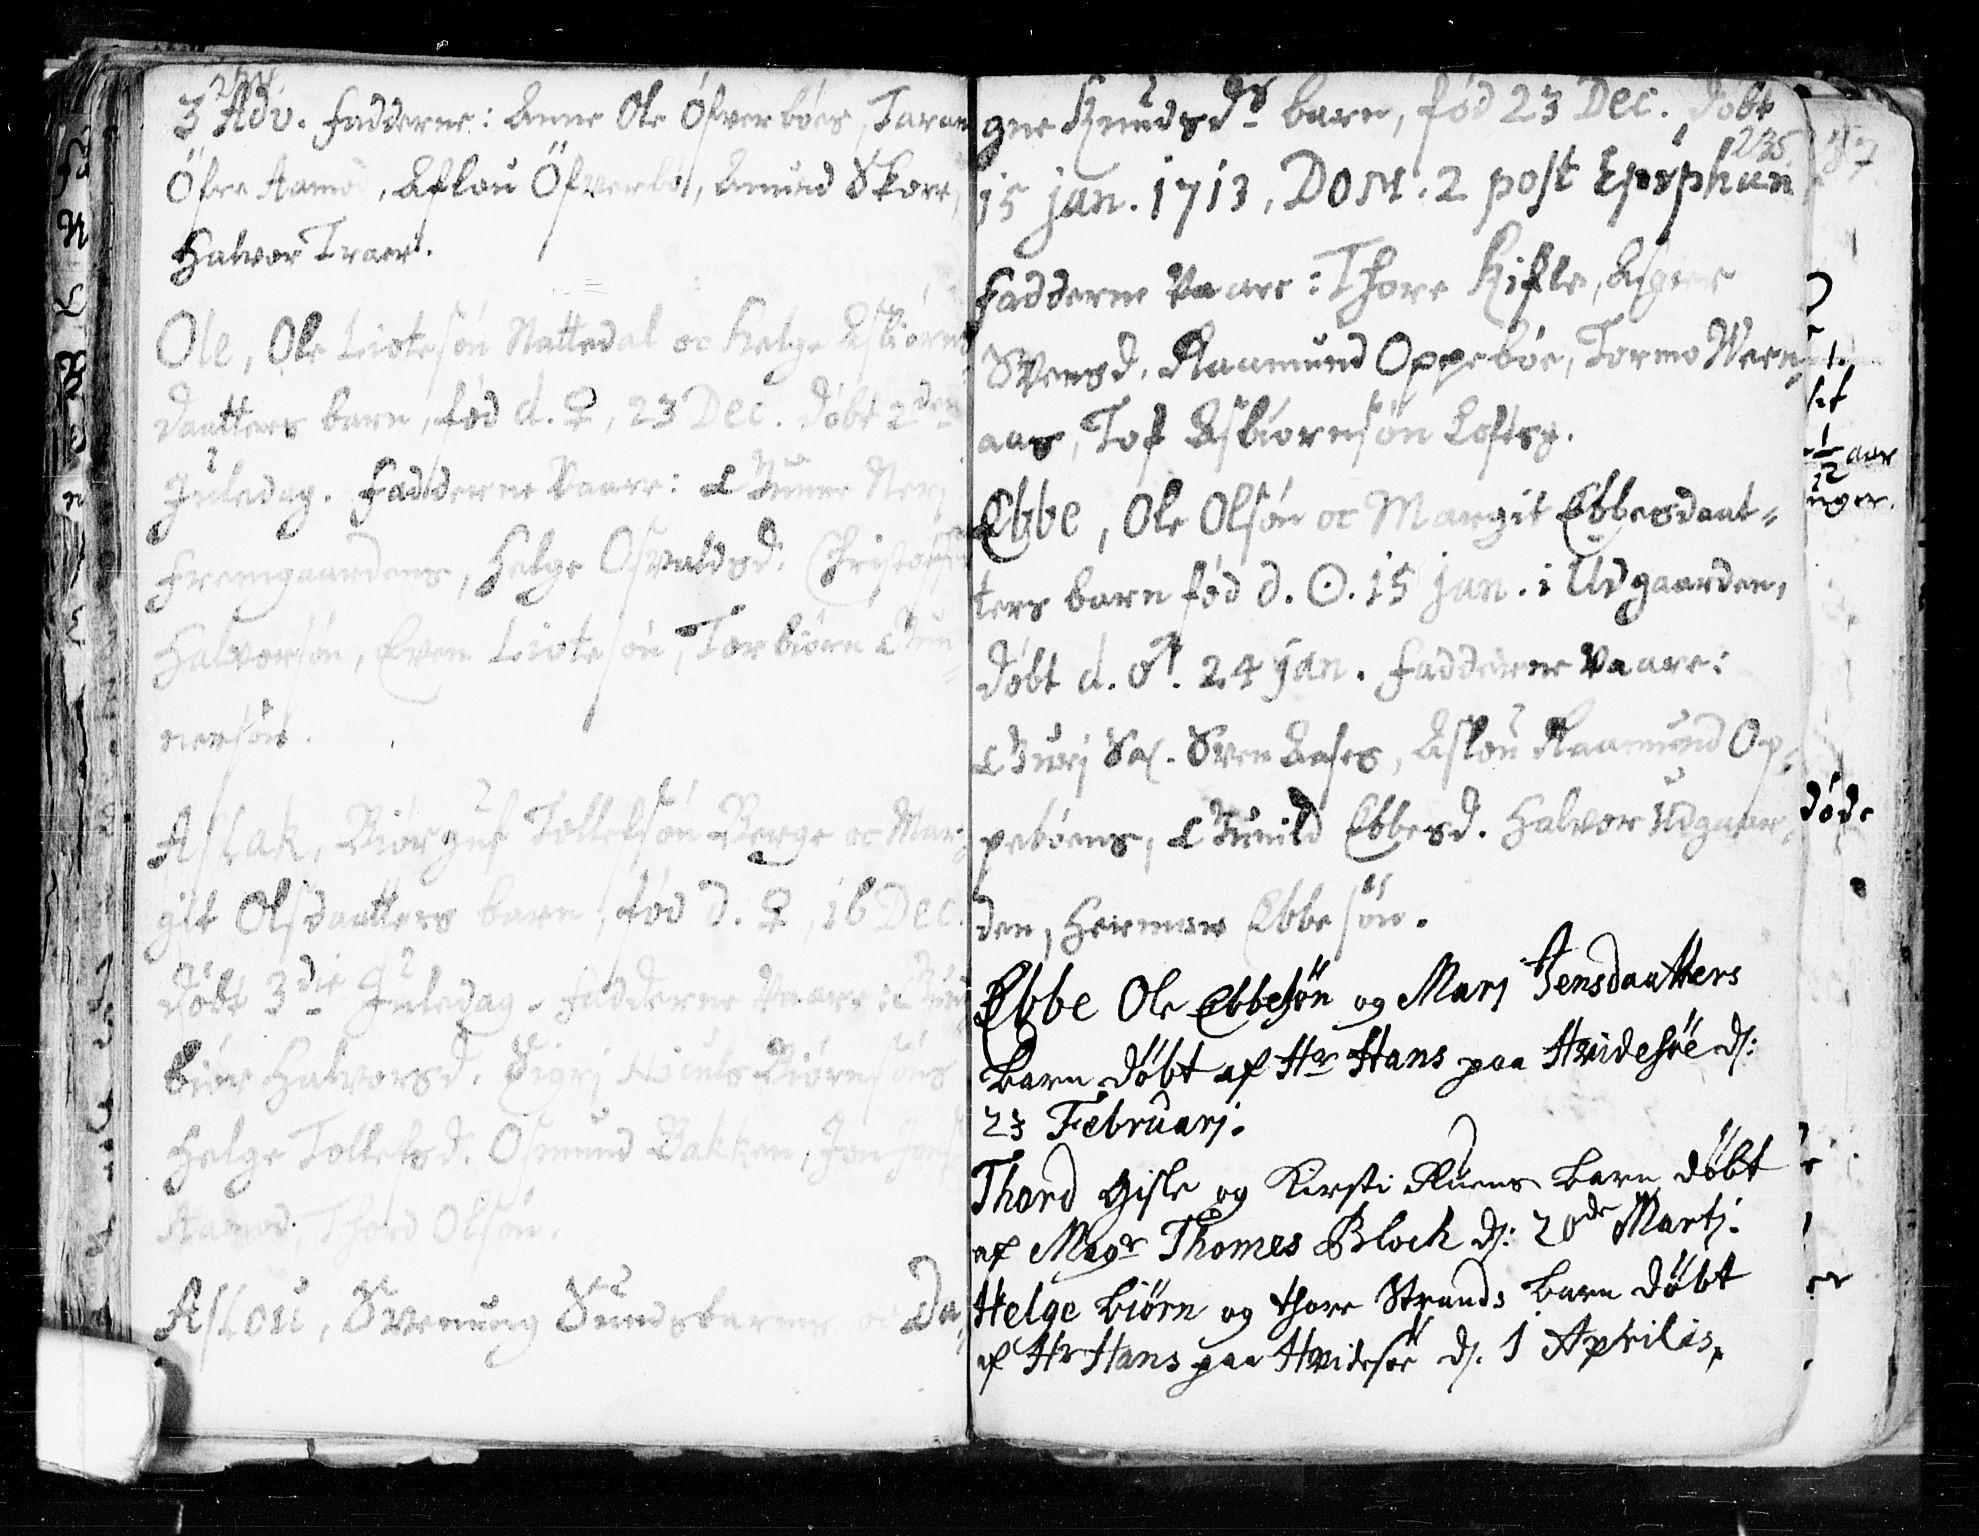 SAKO, Seljord kirkebøker, F/Fa/L0002: Ministerialbok nr. I 2, 1689-1713, s. 234-235